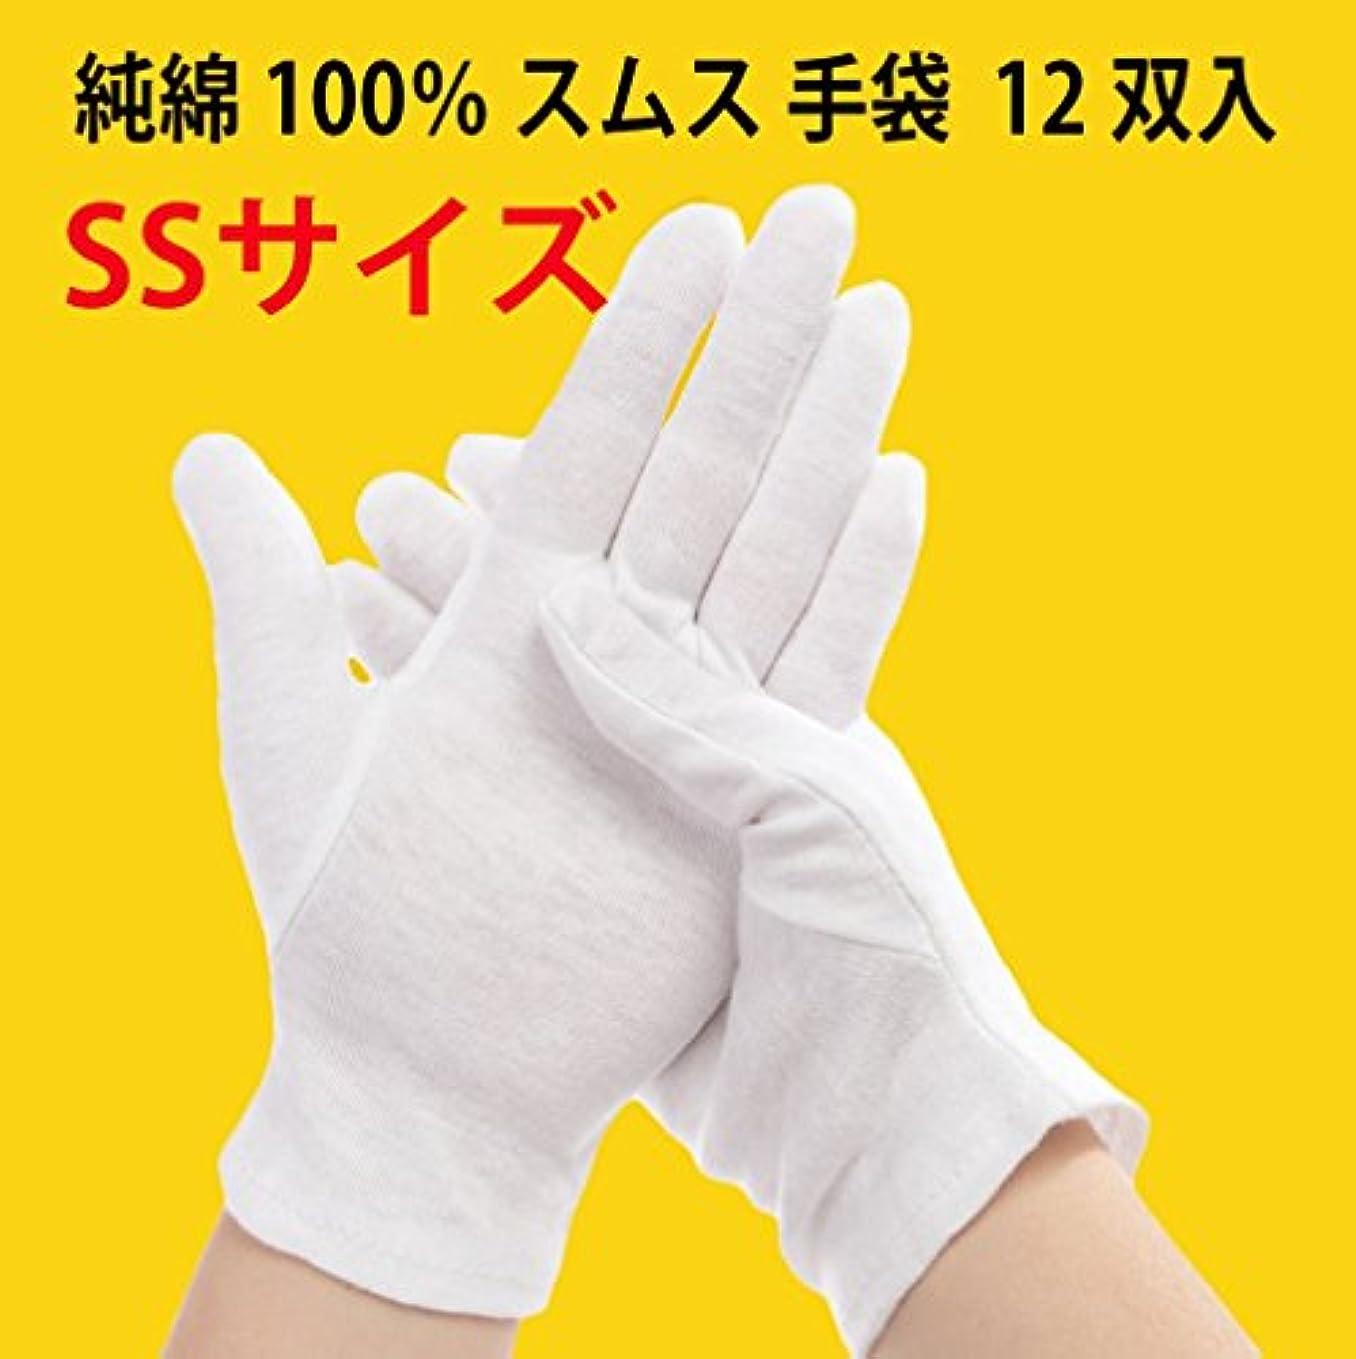 延期する北米テーマ純綿100% スムス 手袋 SSサイズ 12双入 子供?女性に最適 多用途 作業手袋 101111